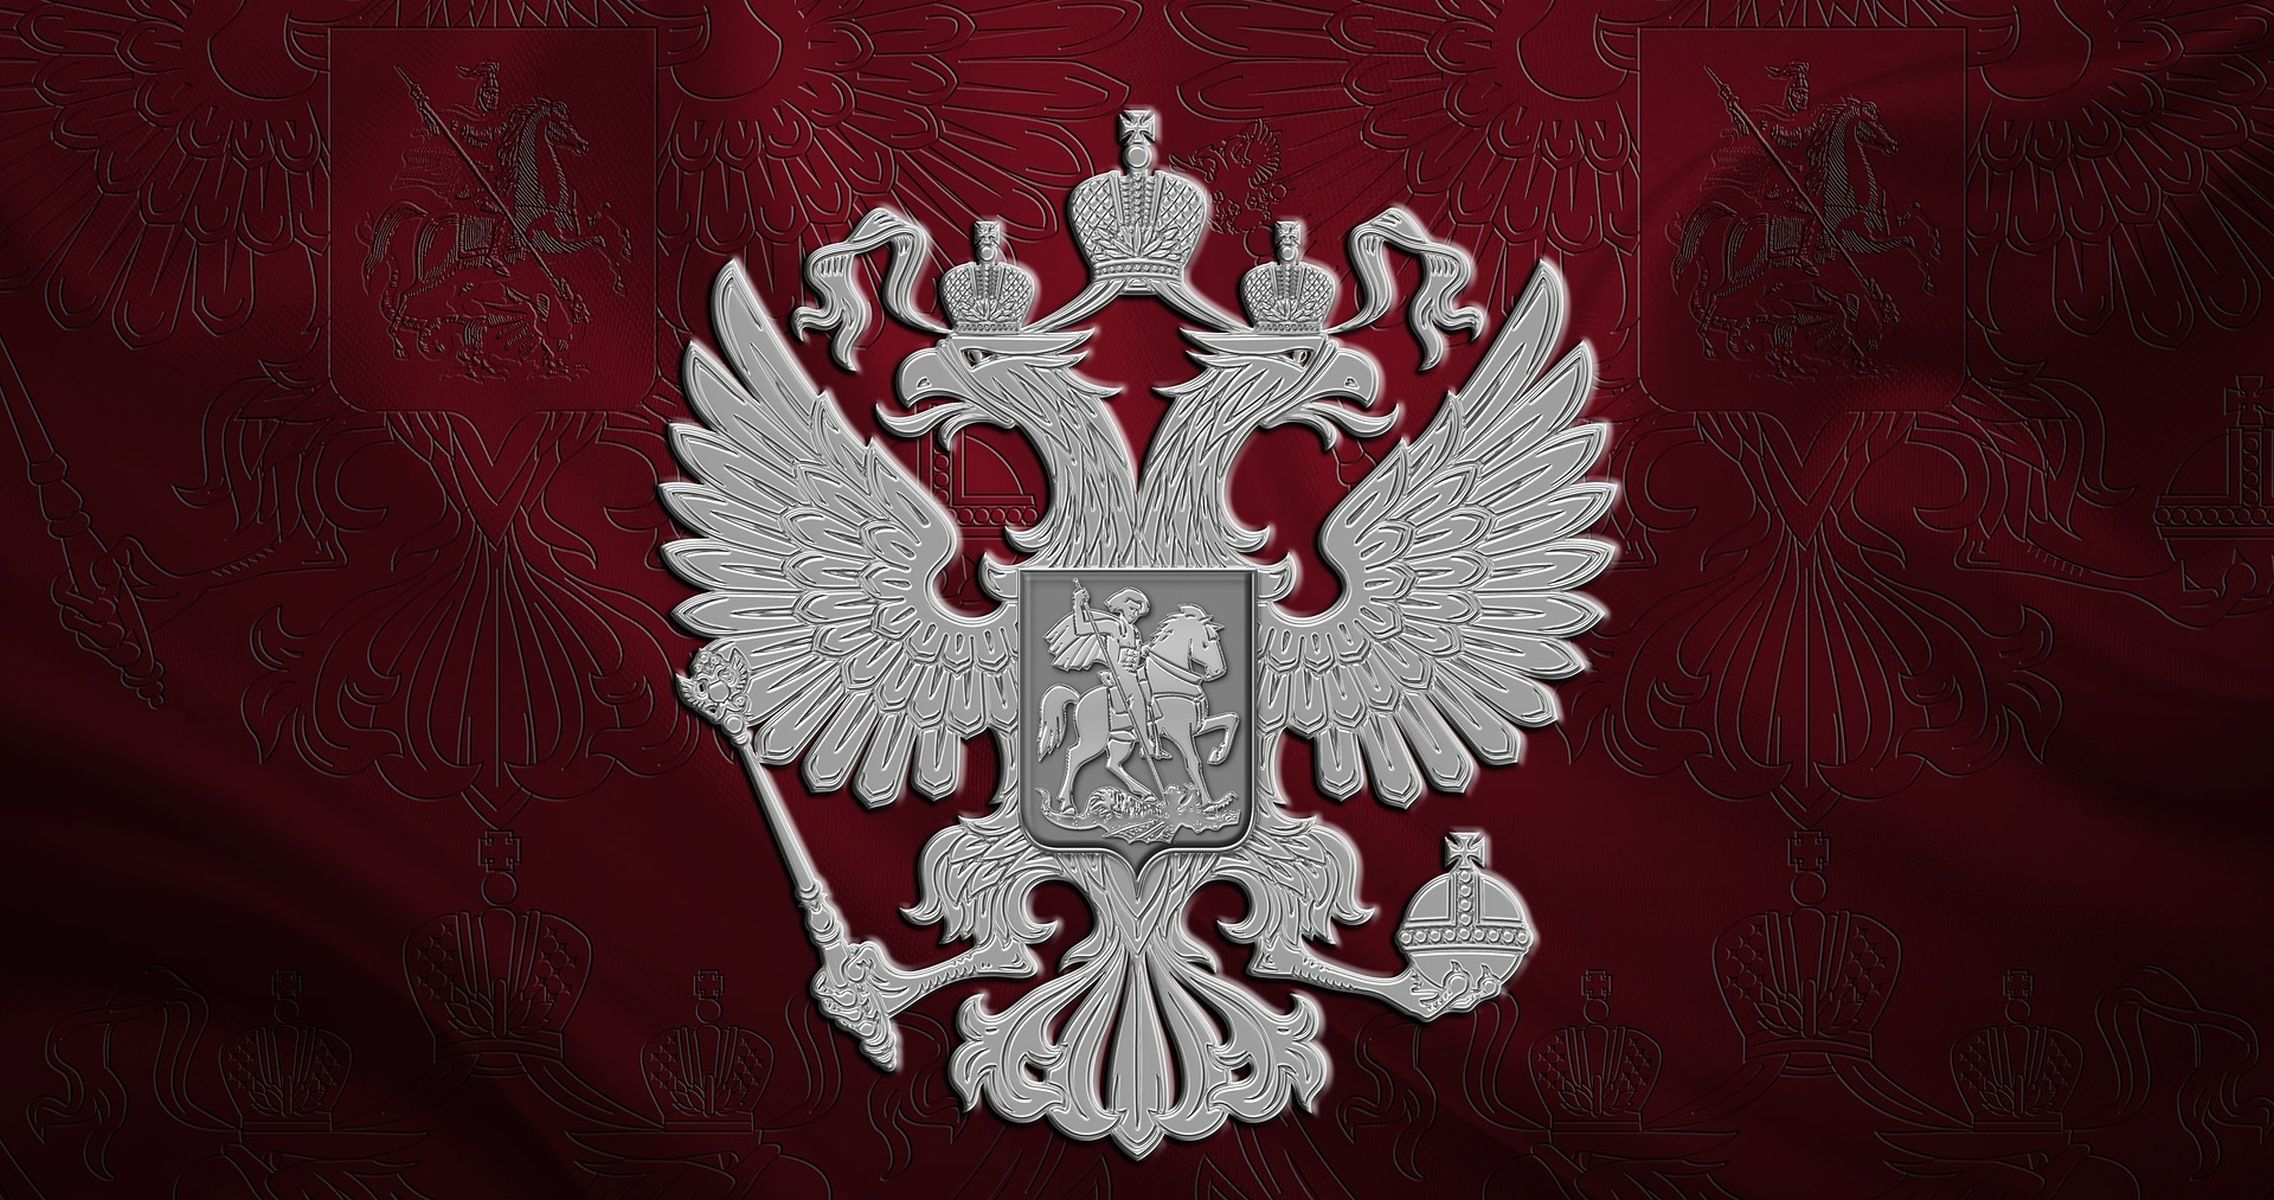 Rusija tvrdi da ispunjava obveze iz Konvencije UN-a o pravima djeteta